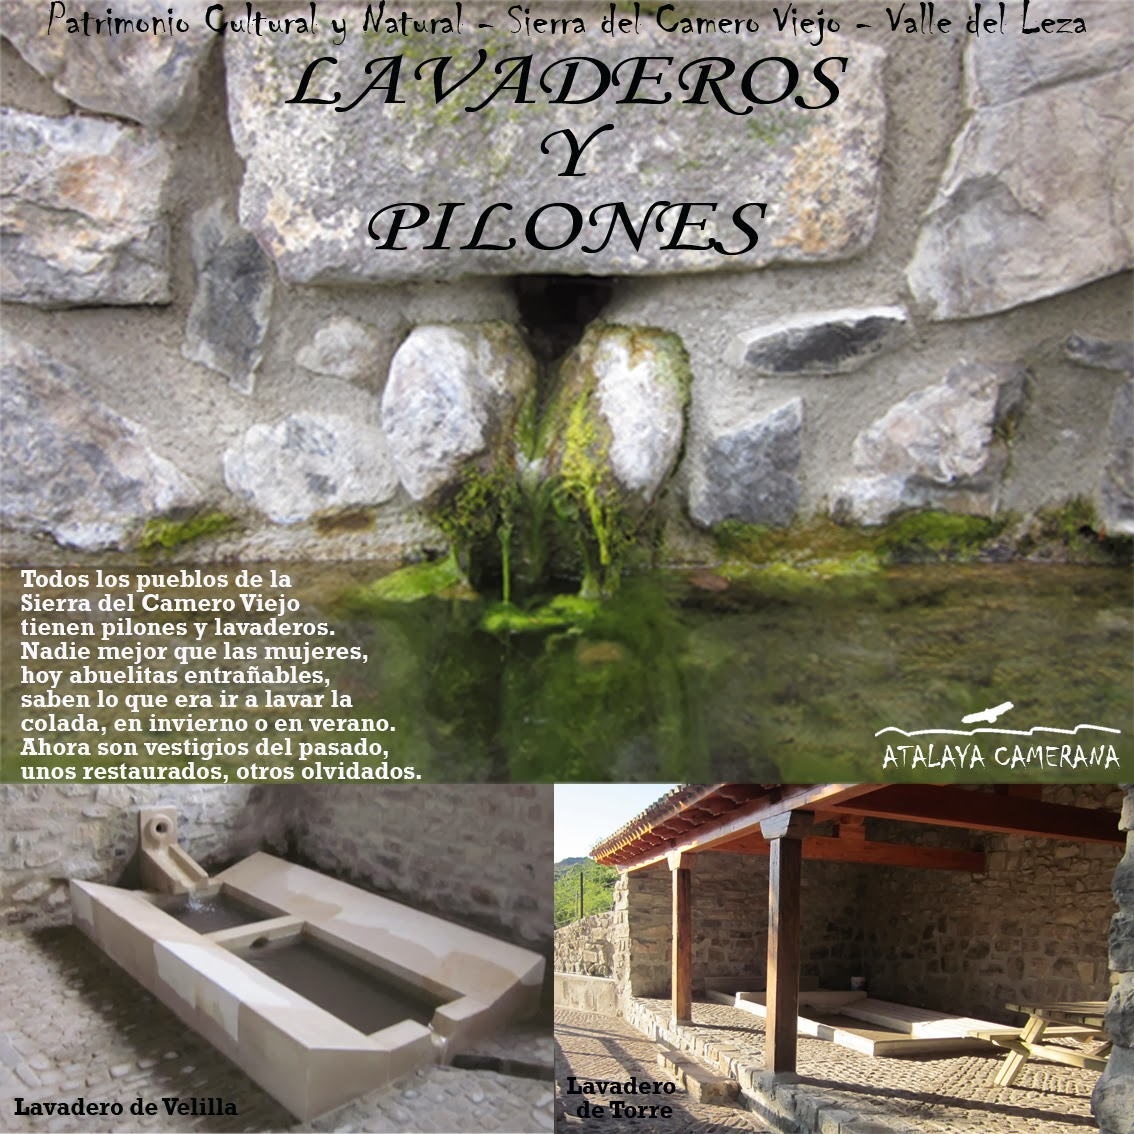 Sierra del Camero Viejo - Valle del Leza. Patrimonio Cultural y Natural. Lavaderos y Pilones.